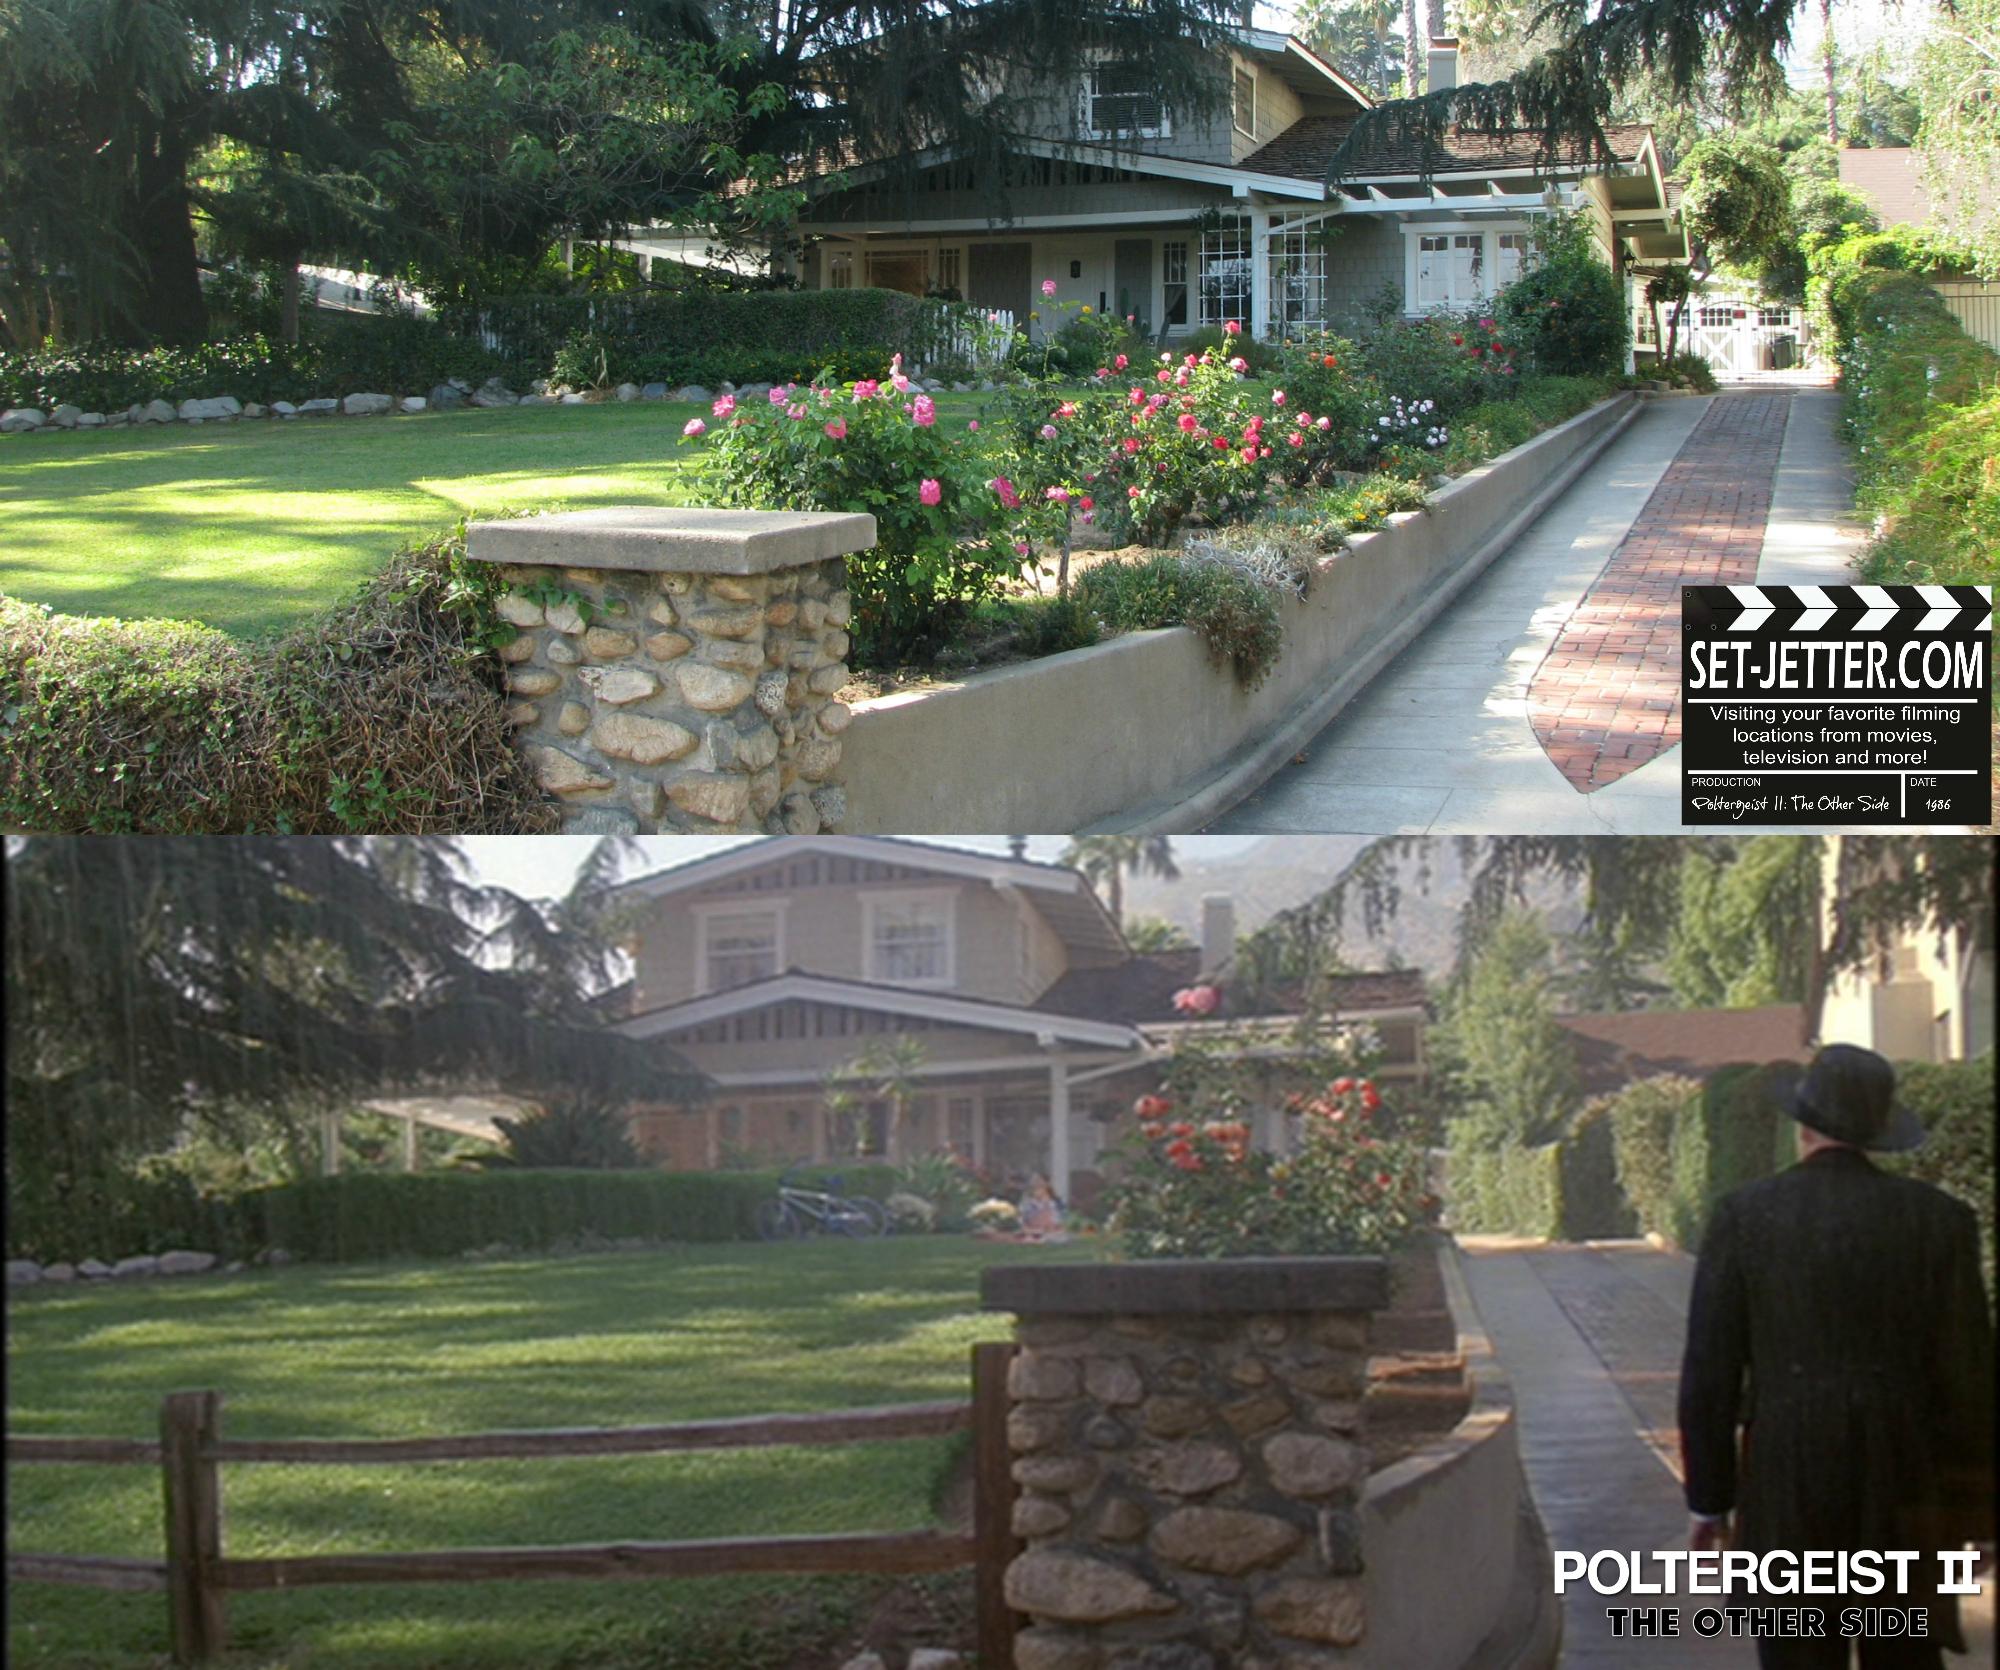 Poltergeist II comparison 36.jpg